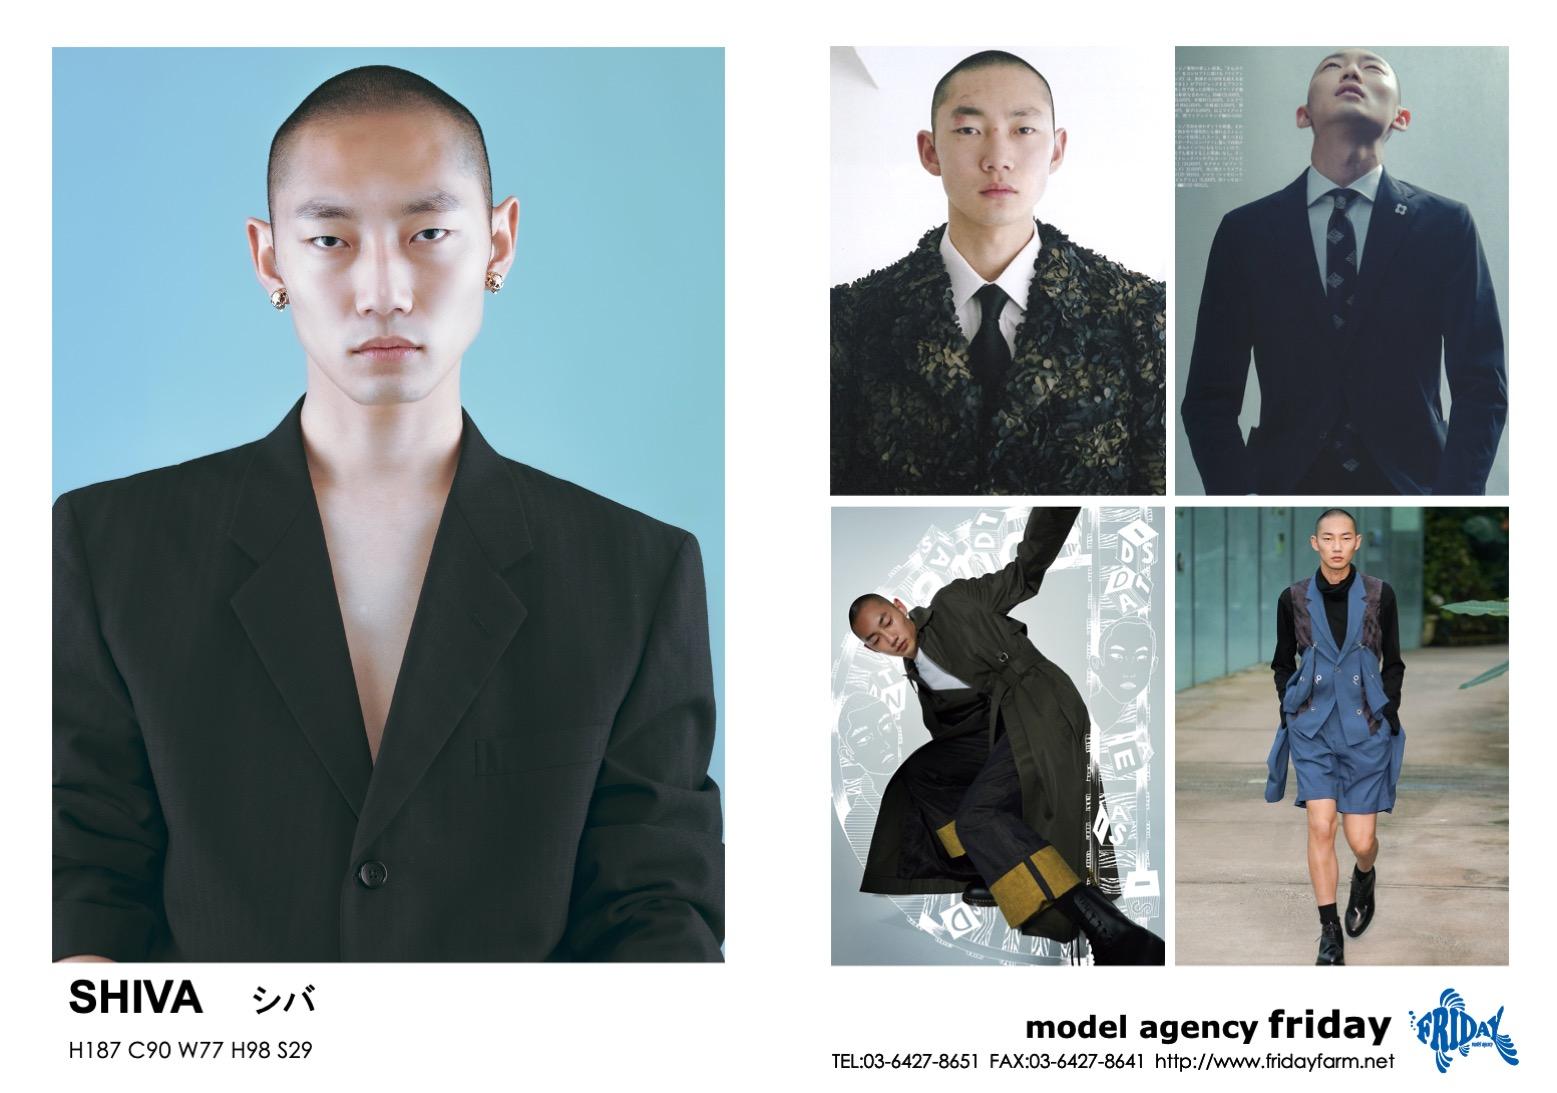 SHIVA - シヴァ   model agency friday